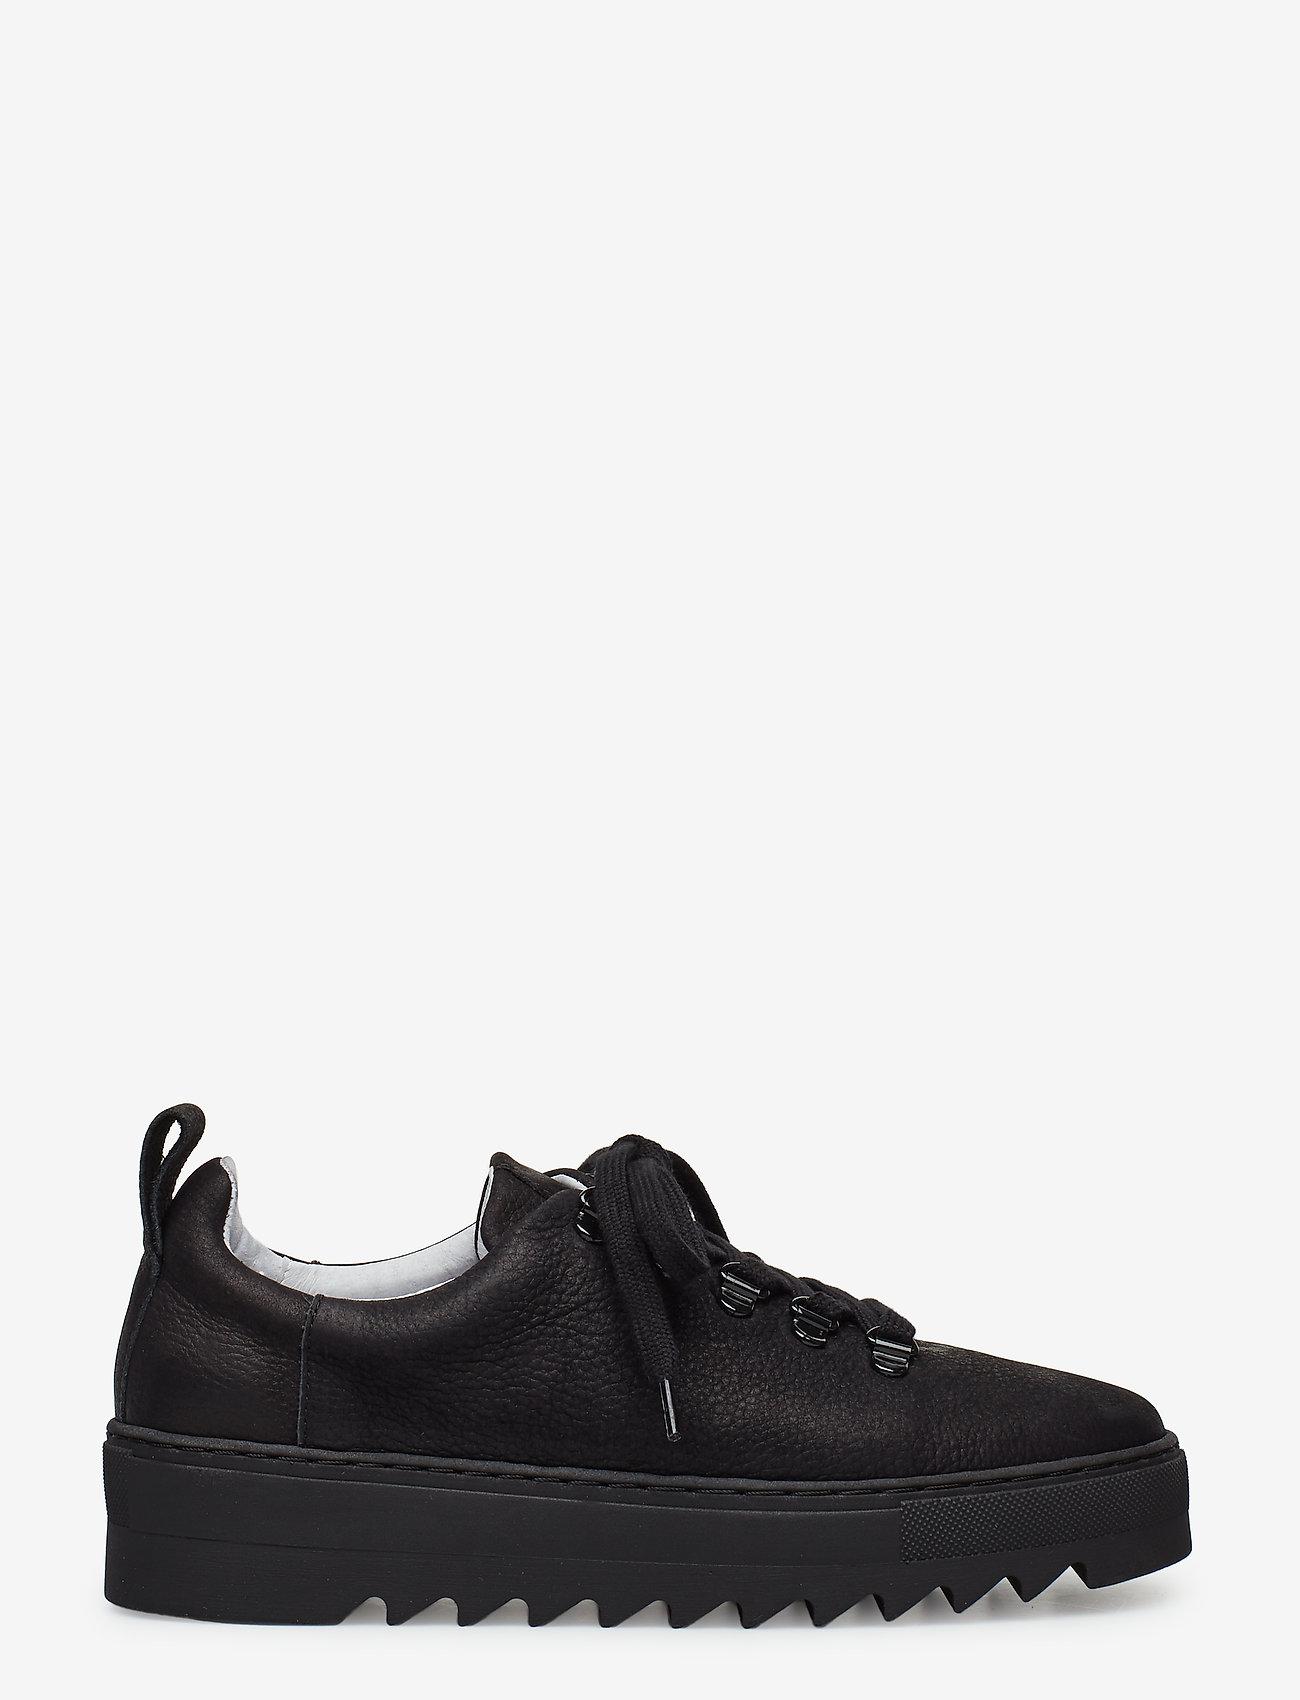 Loui Sneaker N (Black) (659.40 kr) - Shoe The Bear